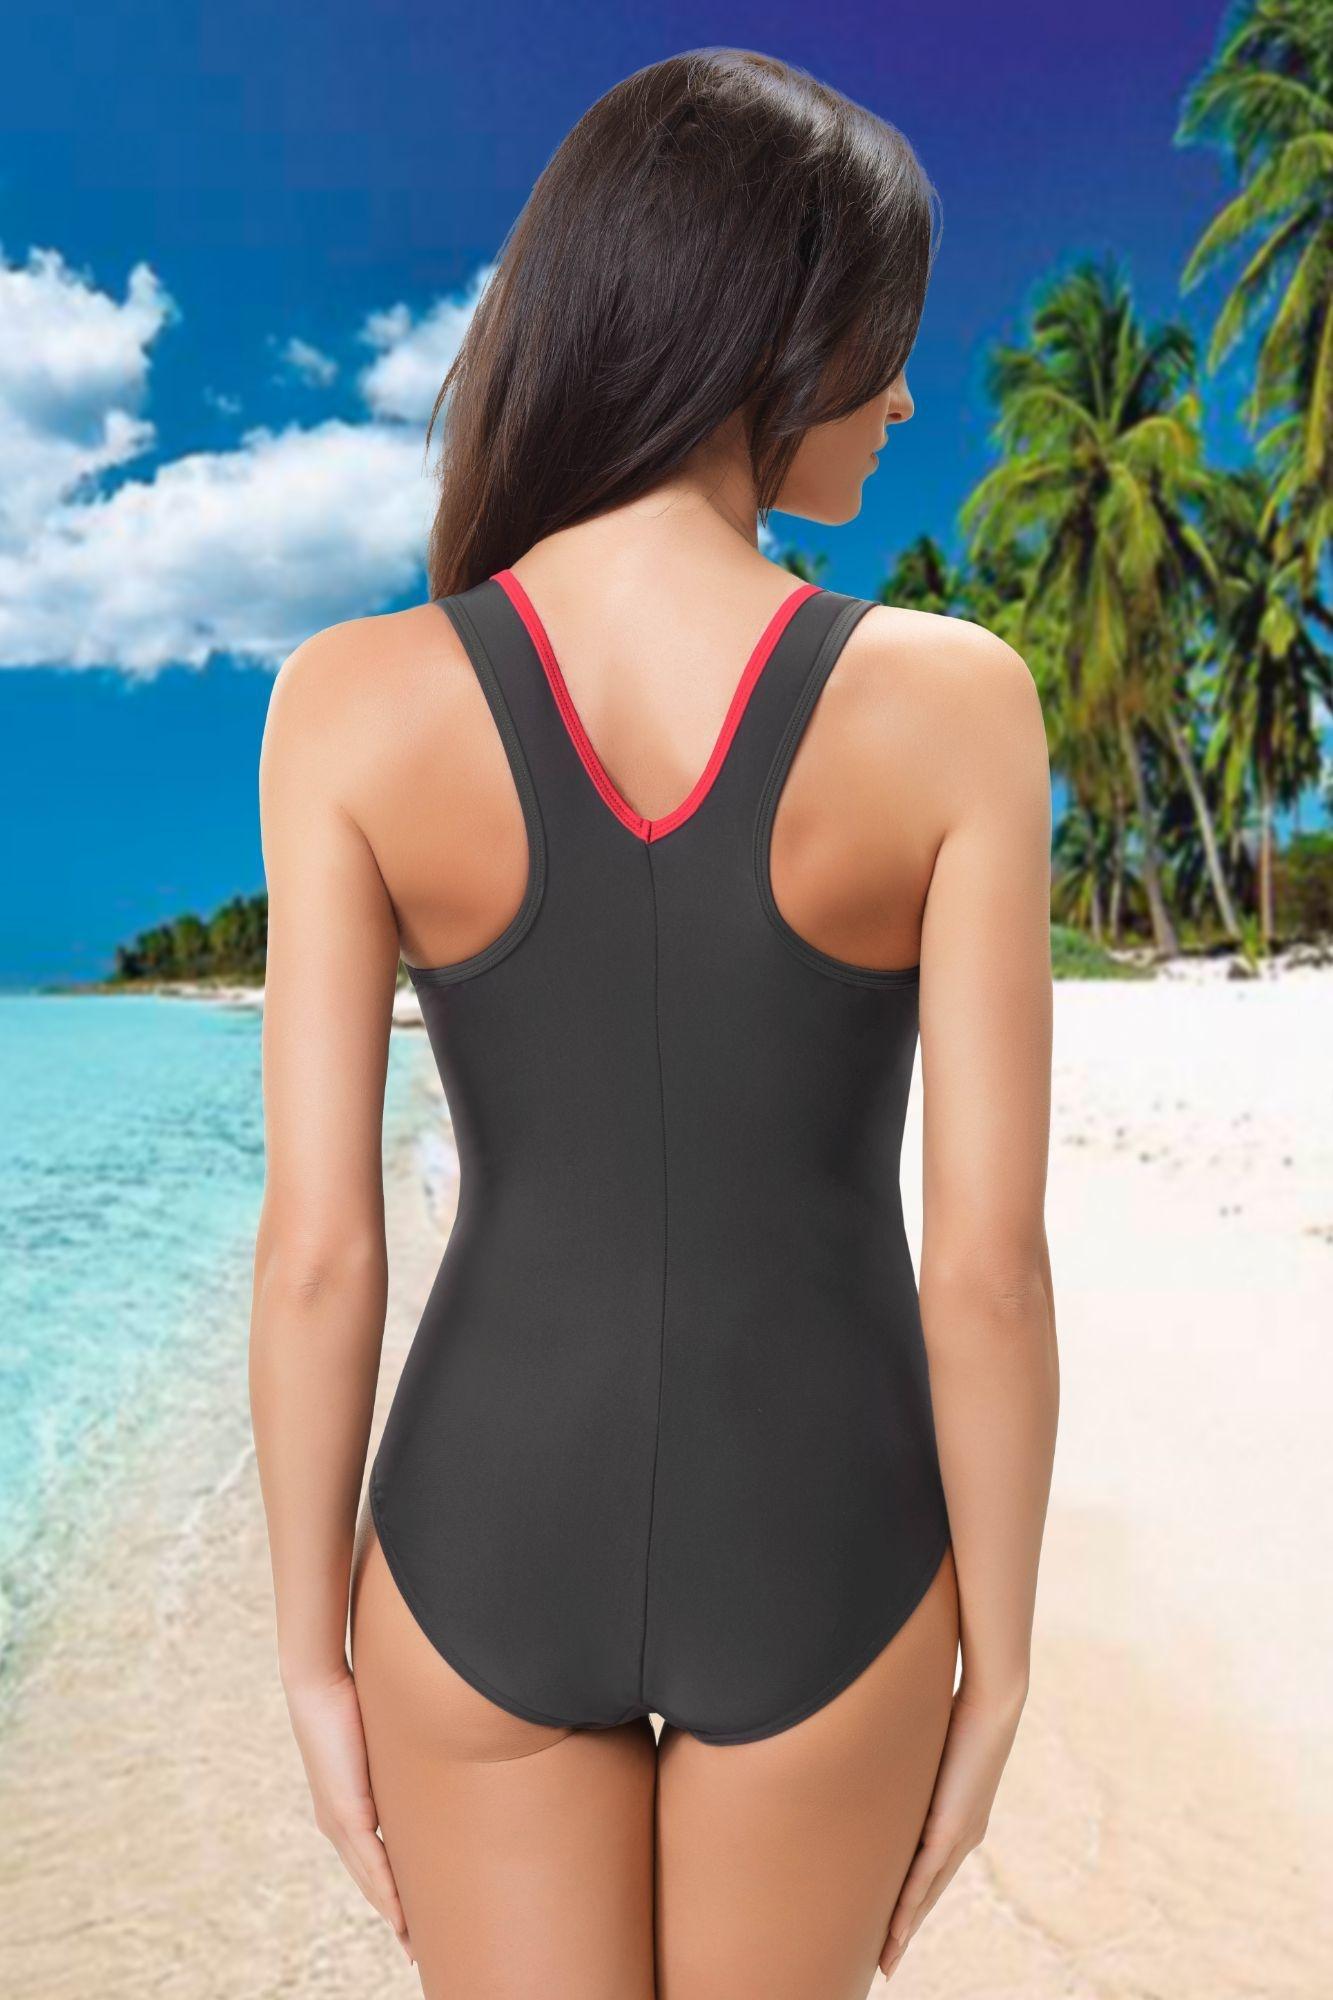 Jednodílné sportovní plavky Aqua I Jednodílné sportovní plavky Aqua I b2921d44b0